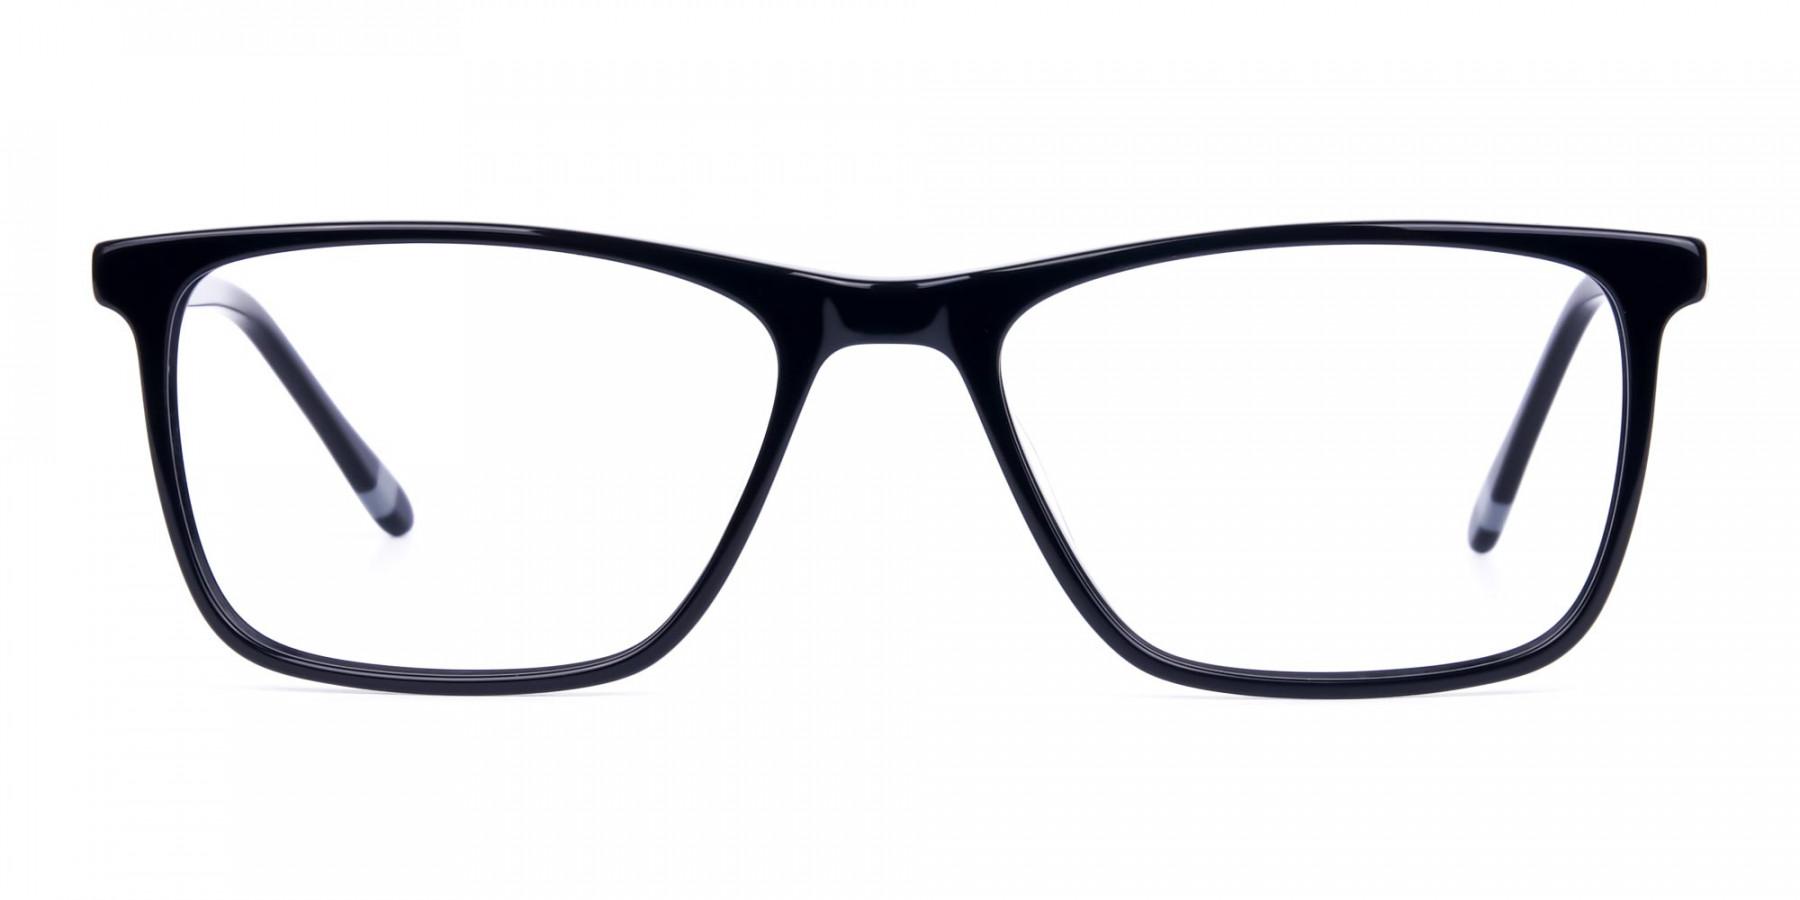 Black-Full-Rimmed-Rectangular-Glasses-1